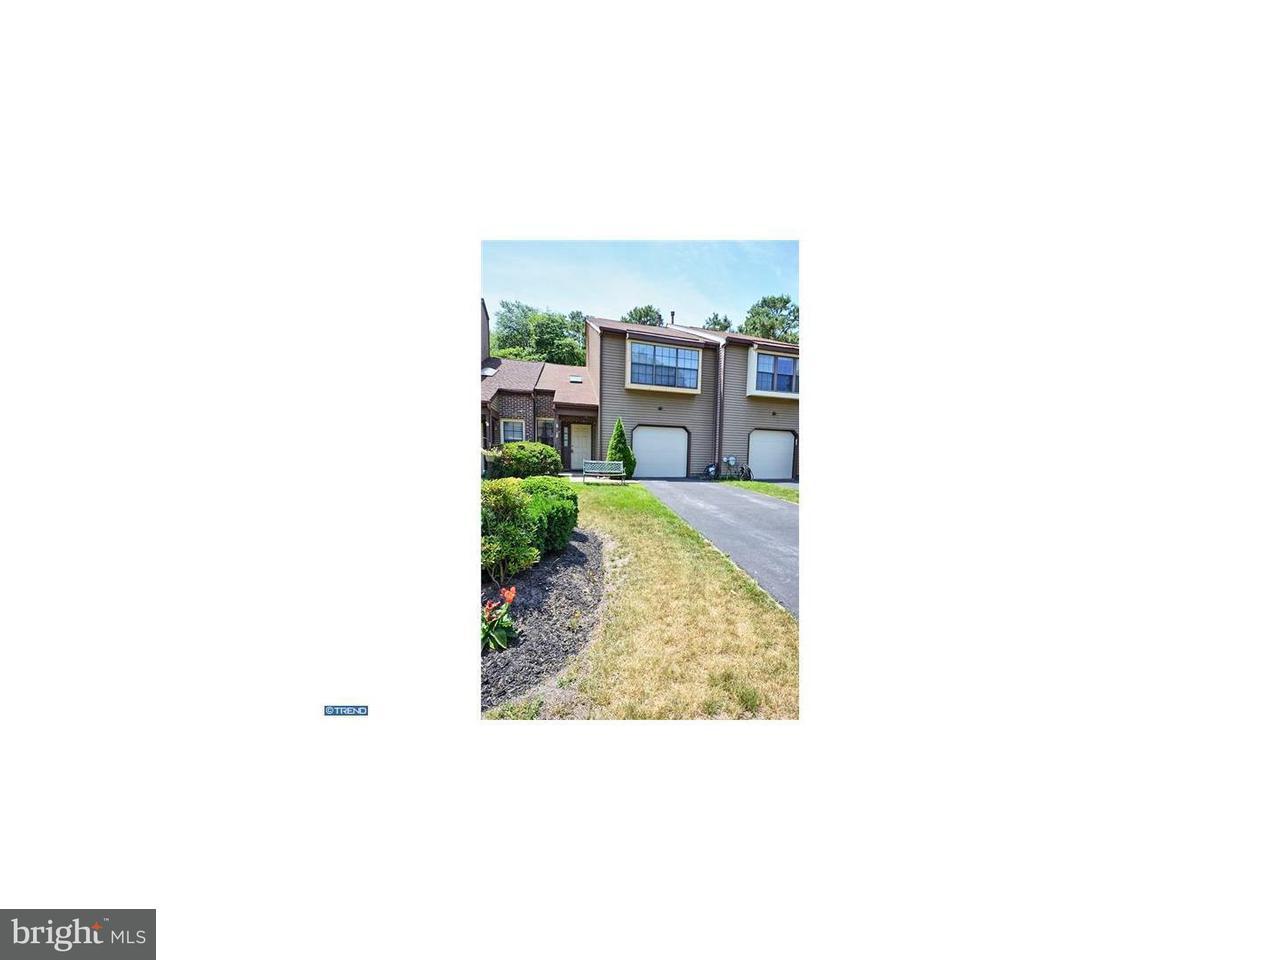 Casa unifamiliar adosada (Townhouse) por un Alquiler en 47 GOLF CLUB WAY Evesham Twp, Nueva Jersey 08053 Estados Unidos